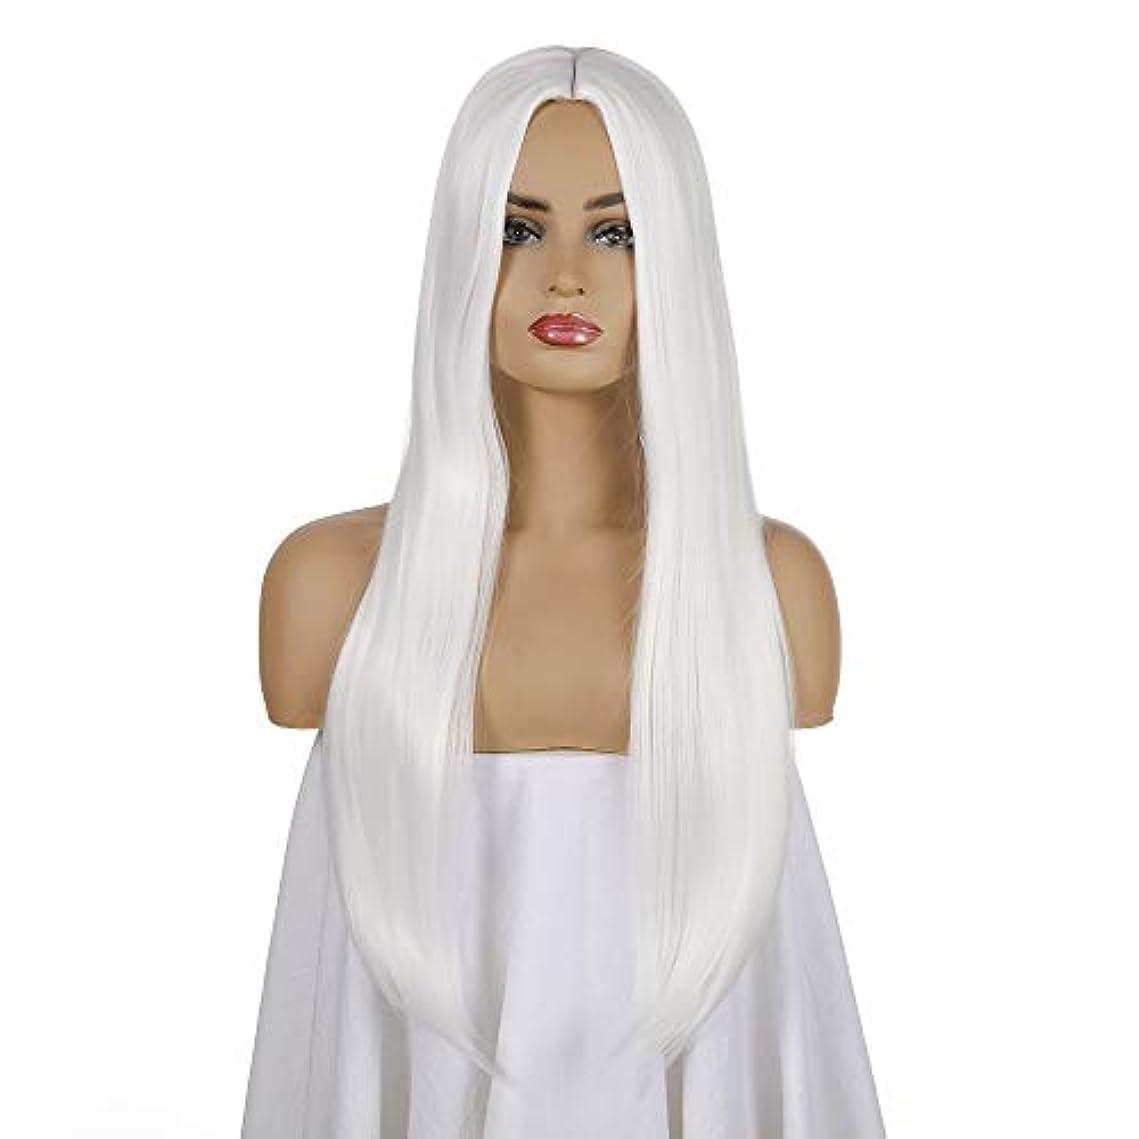 消費地上でノーブル女性用ロングストレートウィッグ26インチ合成コスチュームウィッグハロウィンコスプレアニメパーティーウィッグ(ウィッグキャップ付き)、ホワイト